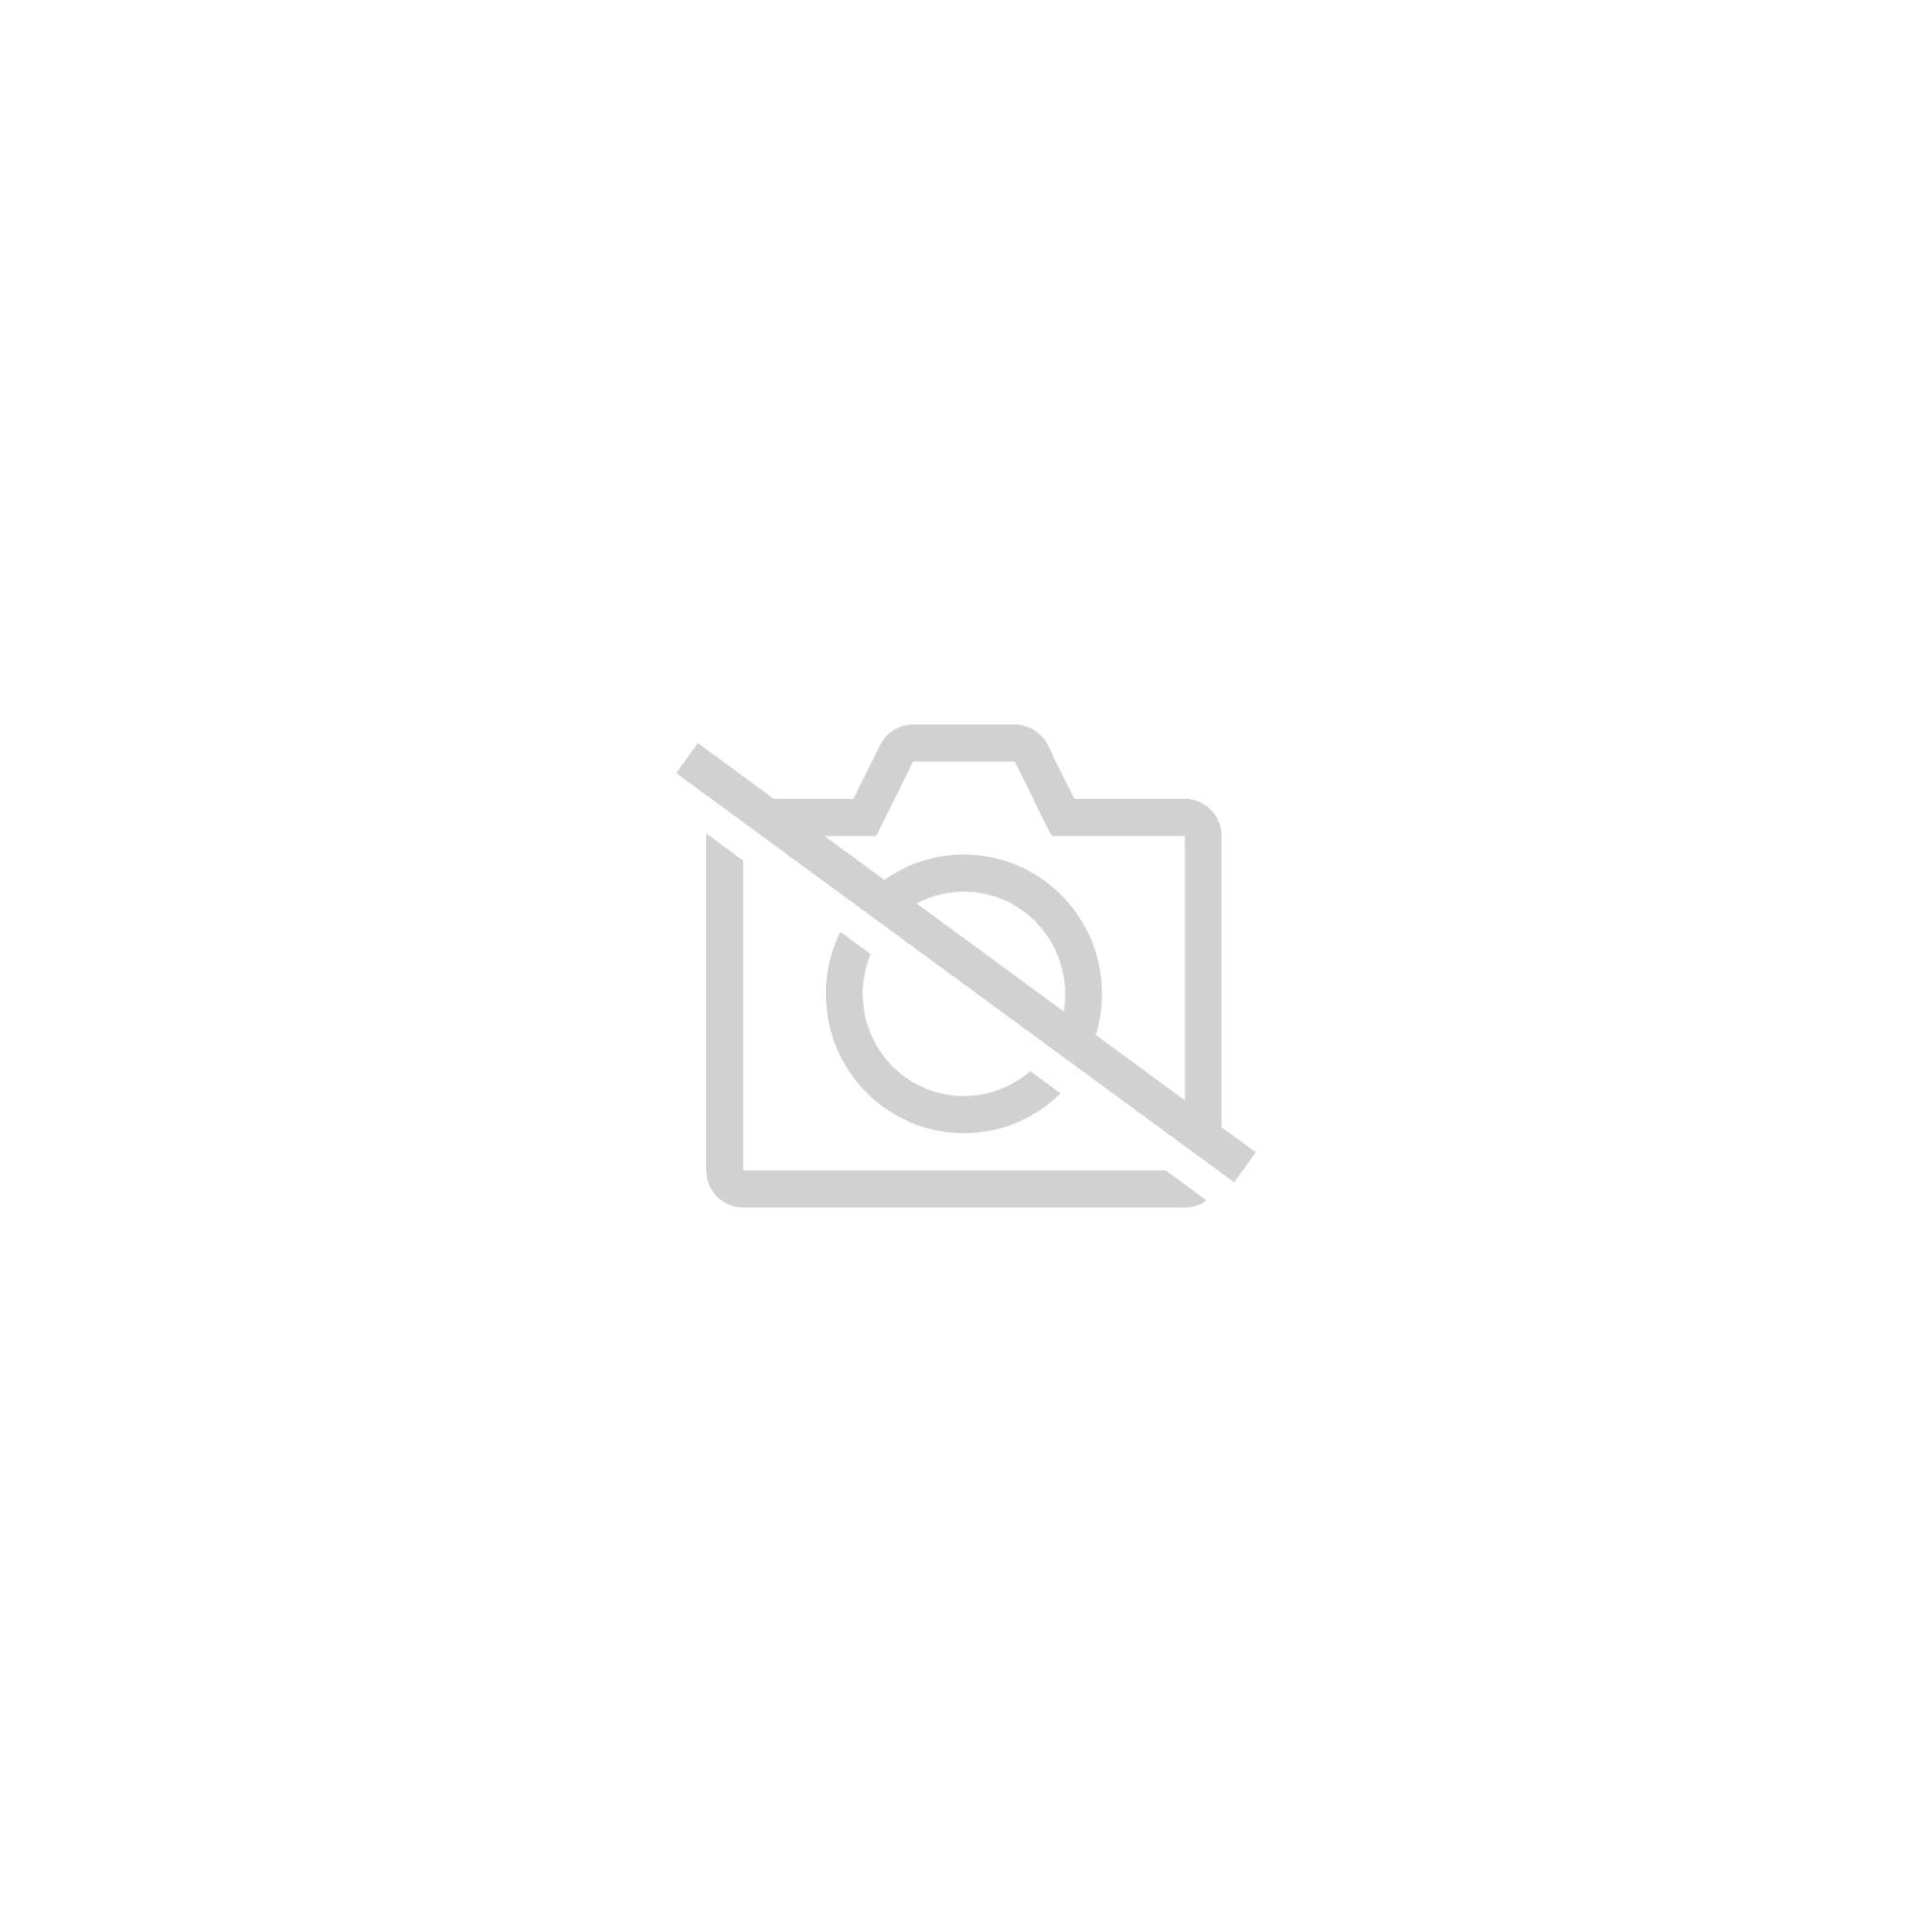 110V/120V 220V/240V Convertisseur Transformateur Tension Voltage Adaptateur 100W